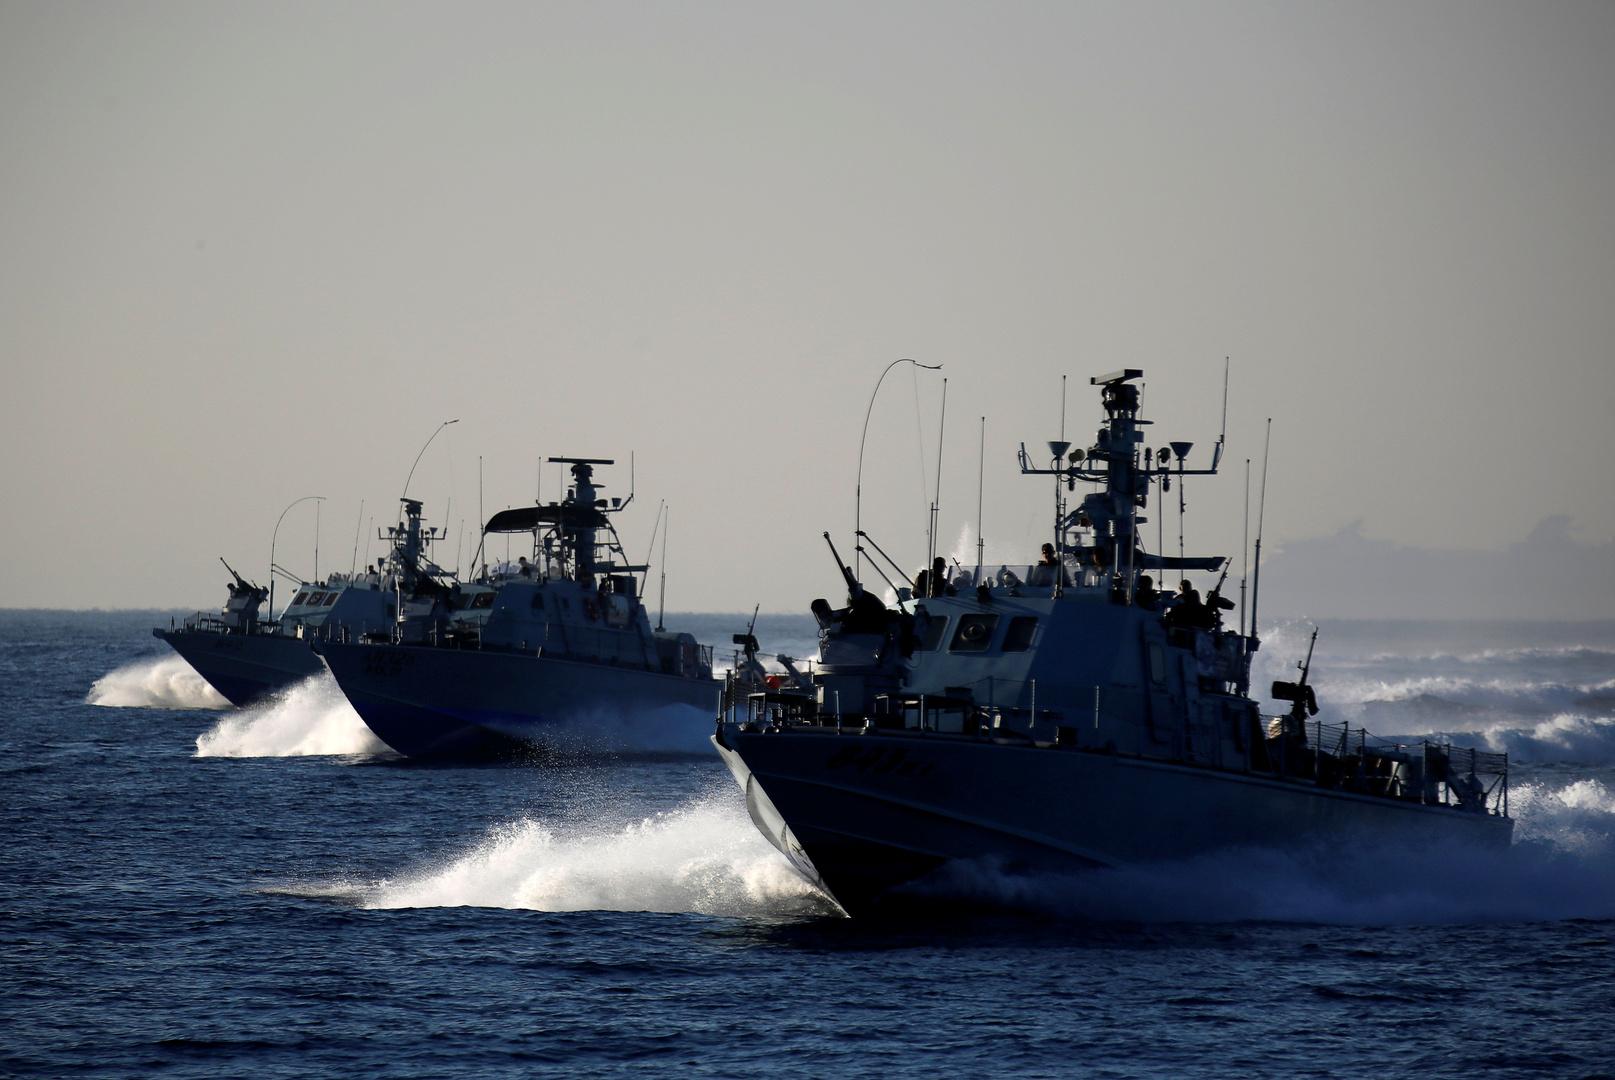 اجتماع عسكري إسرائيلي يوناني قبرصي حول